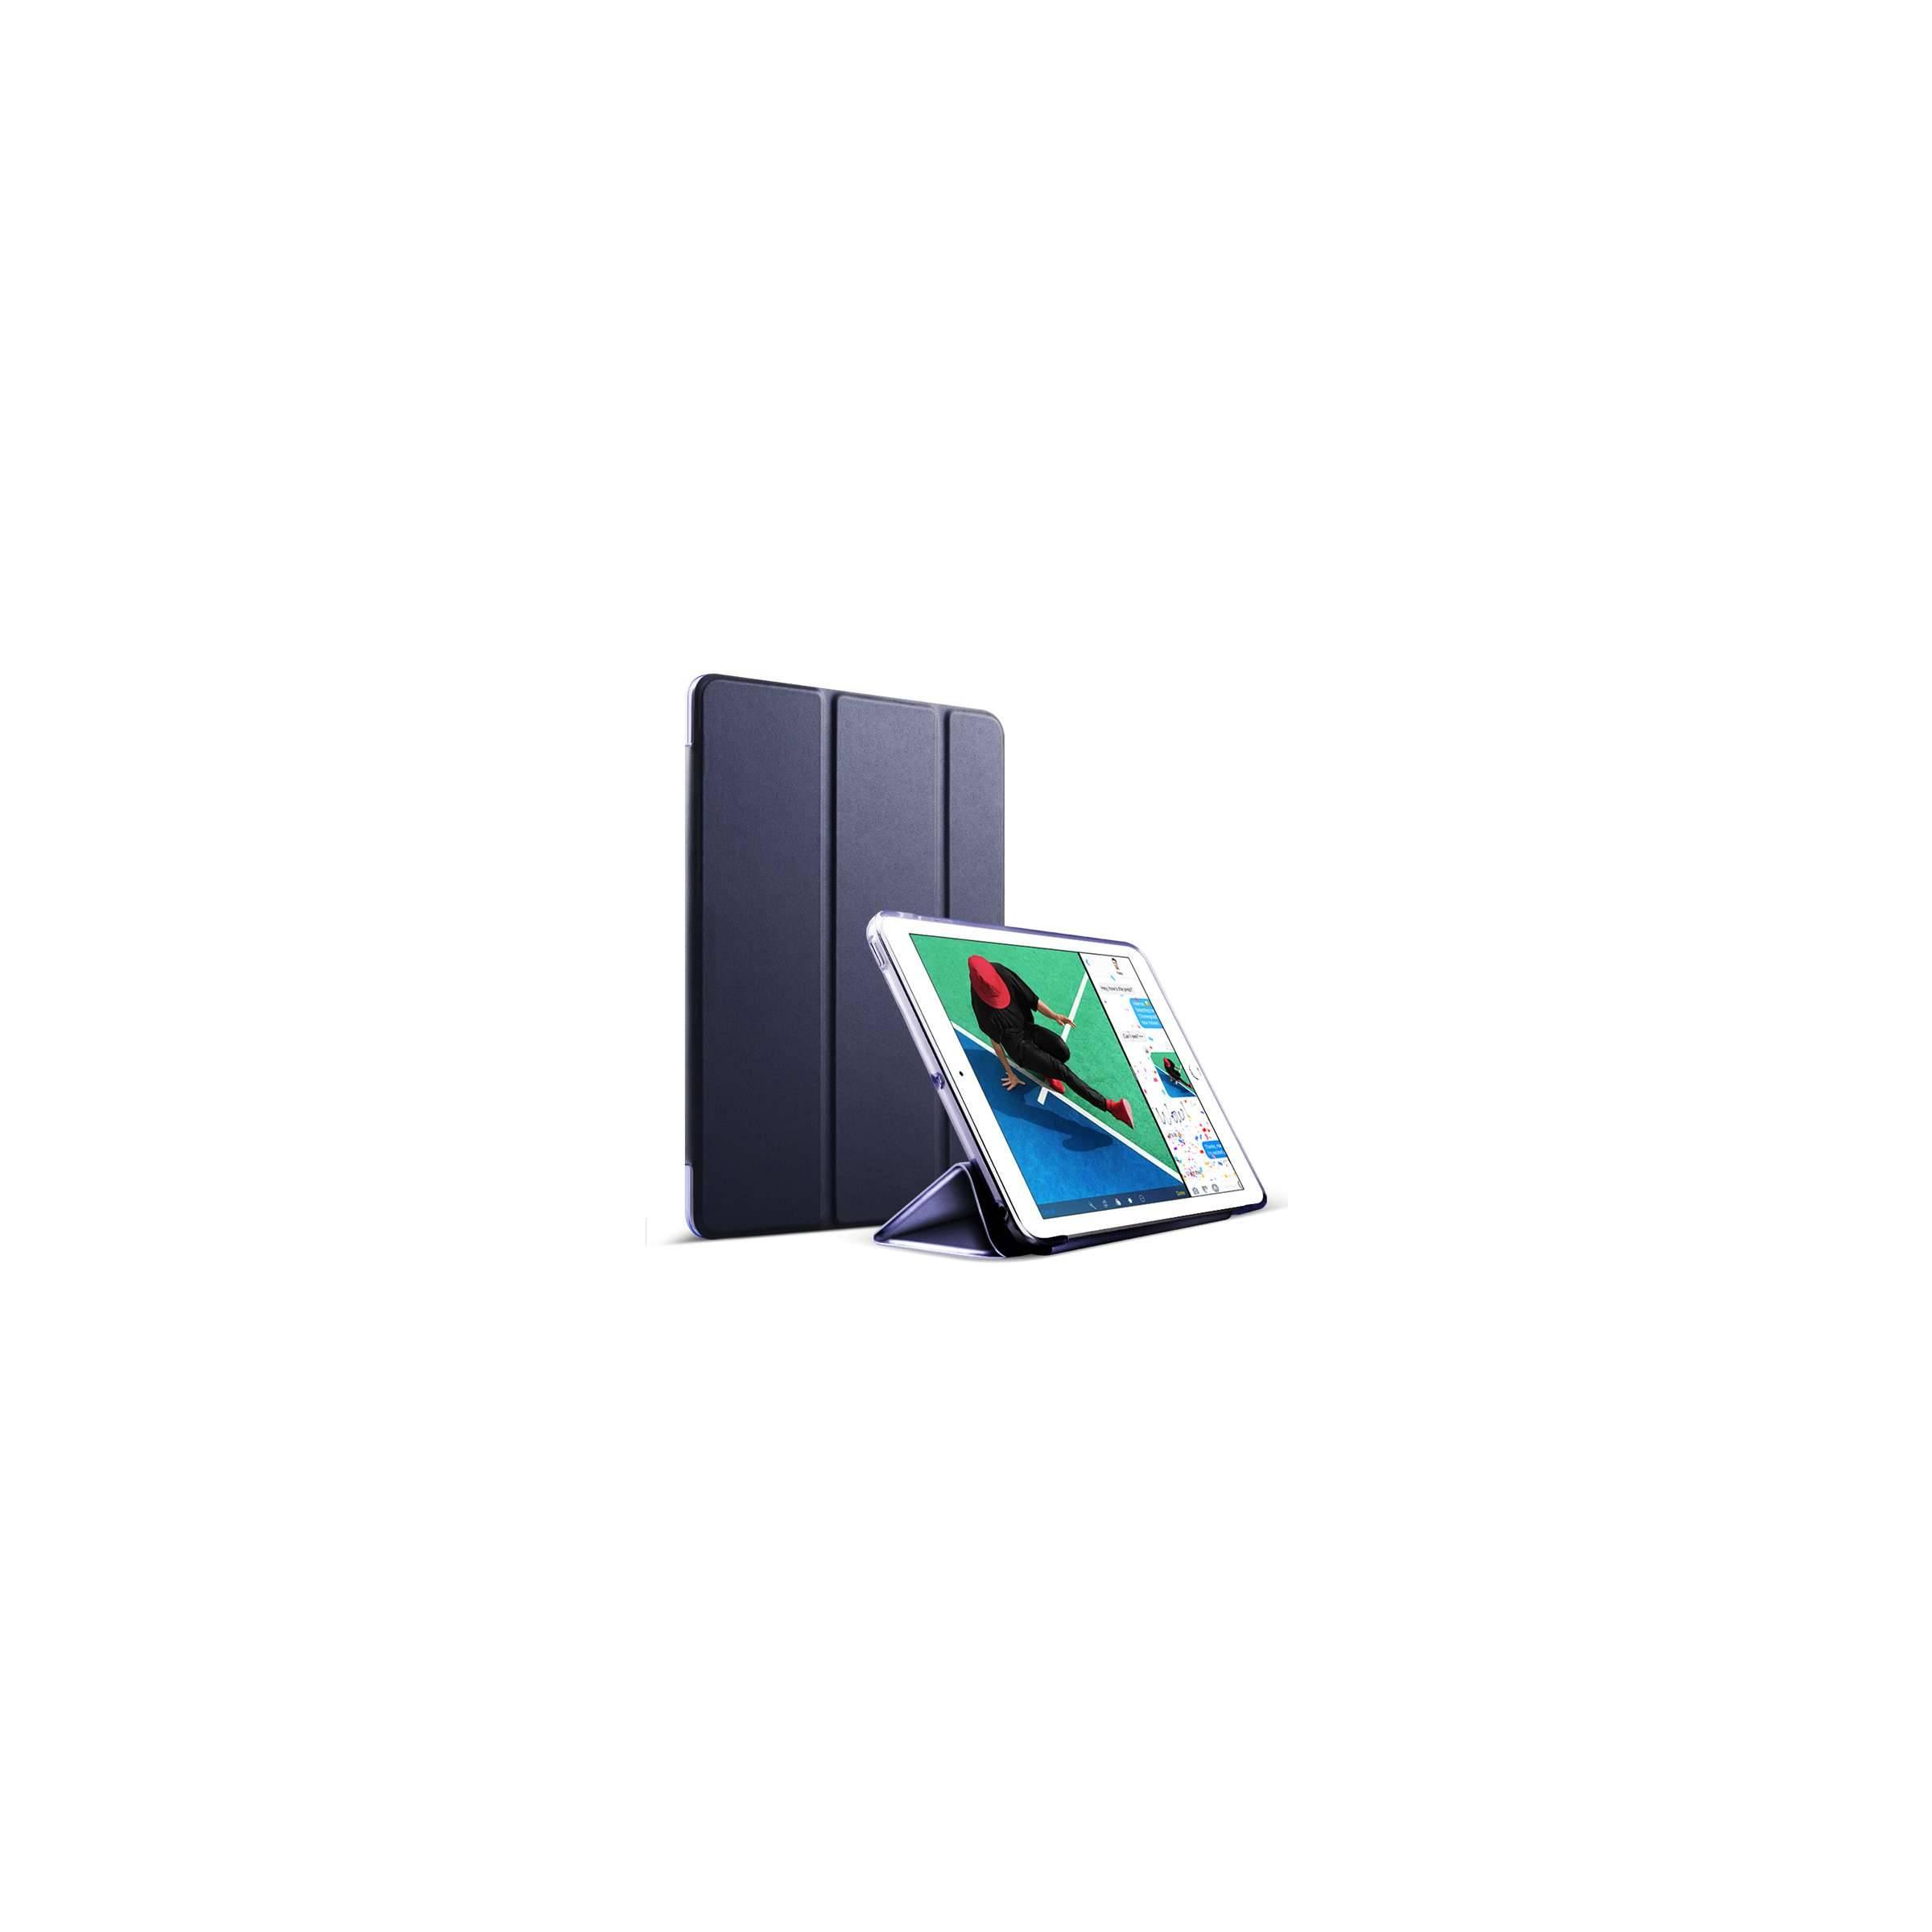 """Ipad pro 10,5""""/air 3 silikone cover farve blå fra kina oem på mackabler.dk"""